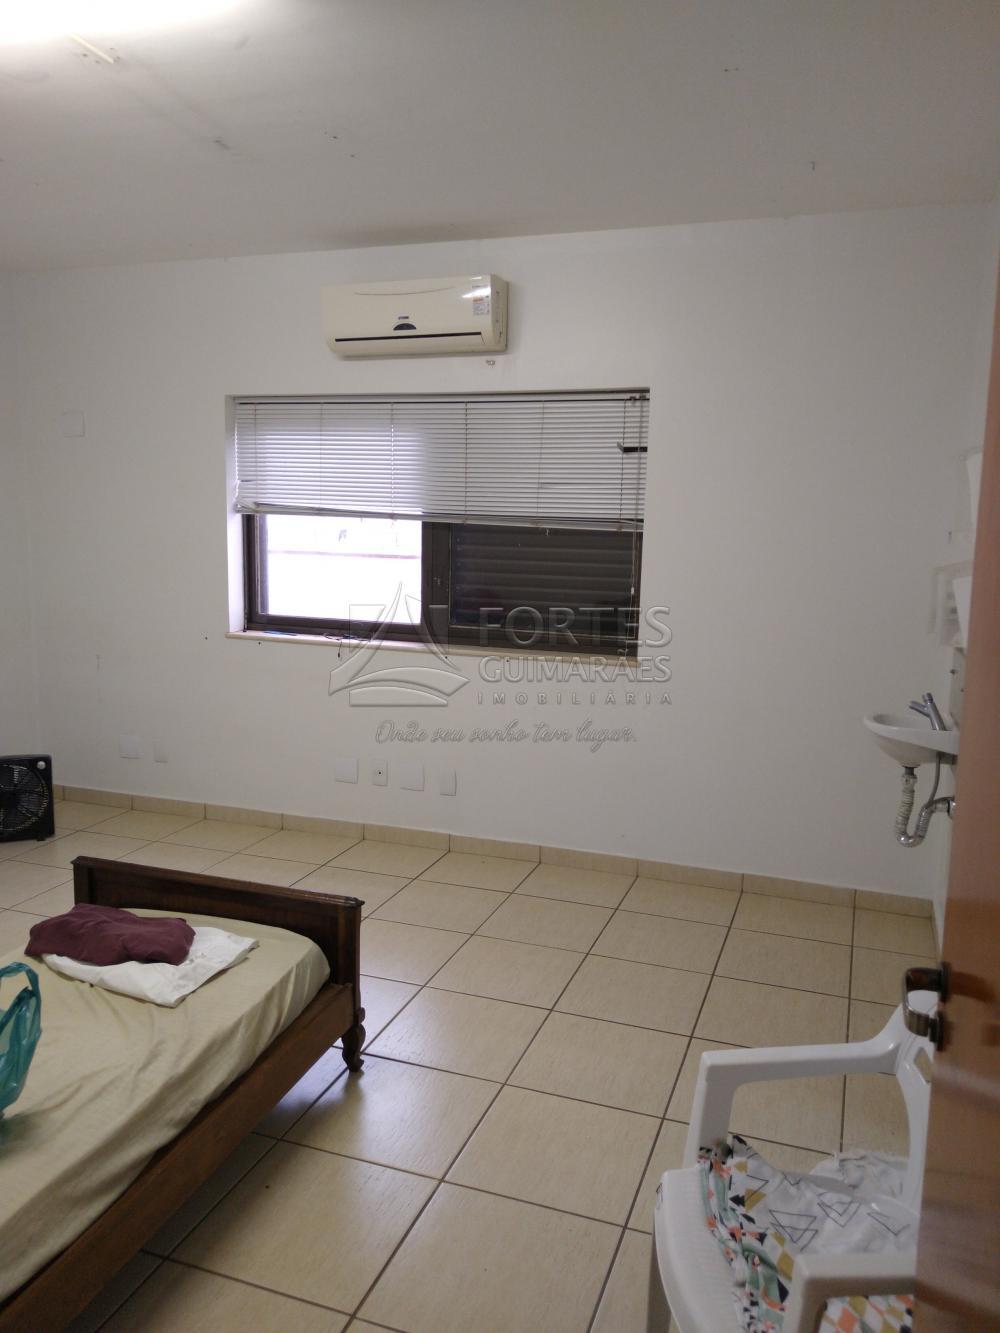 Alugar Comercial / Imóvel Comercial em Ribeirão Preto apenas R$ 12.000,00 - Foto 35